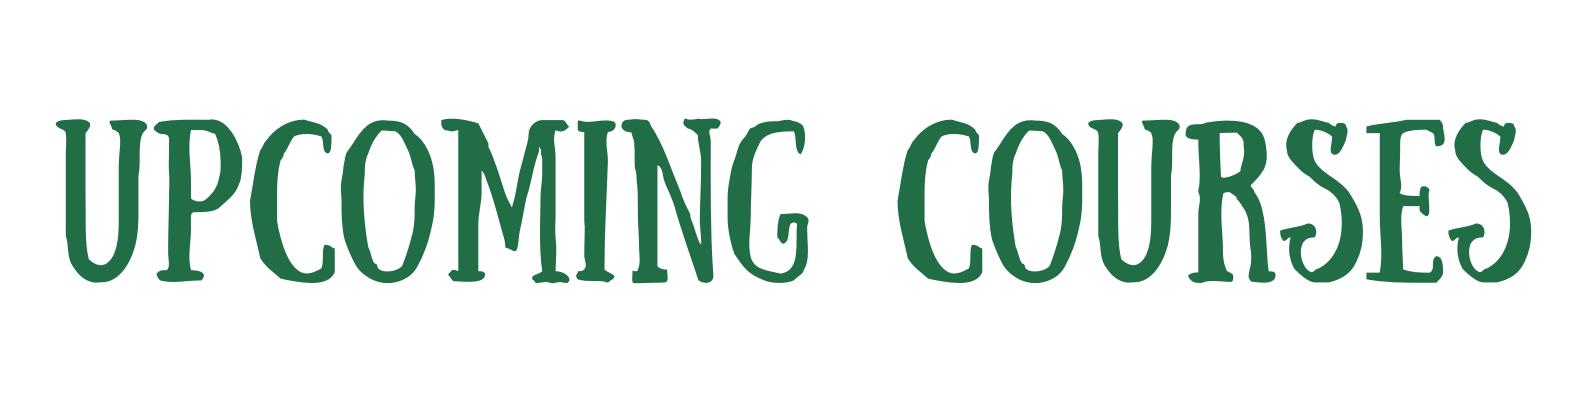 Green and Cream Brushstroke Assistant Professor LinkedIn Banner (13)